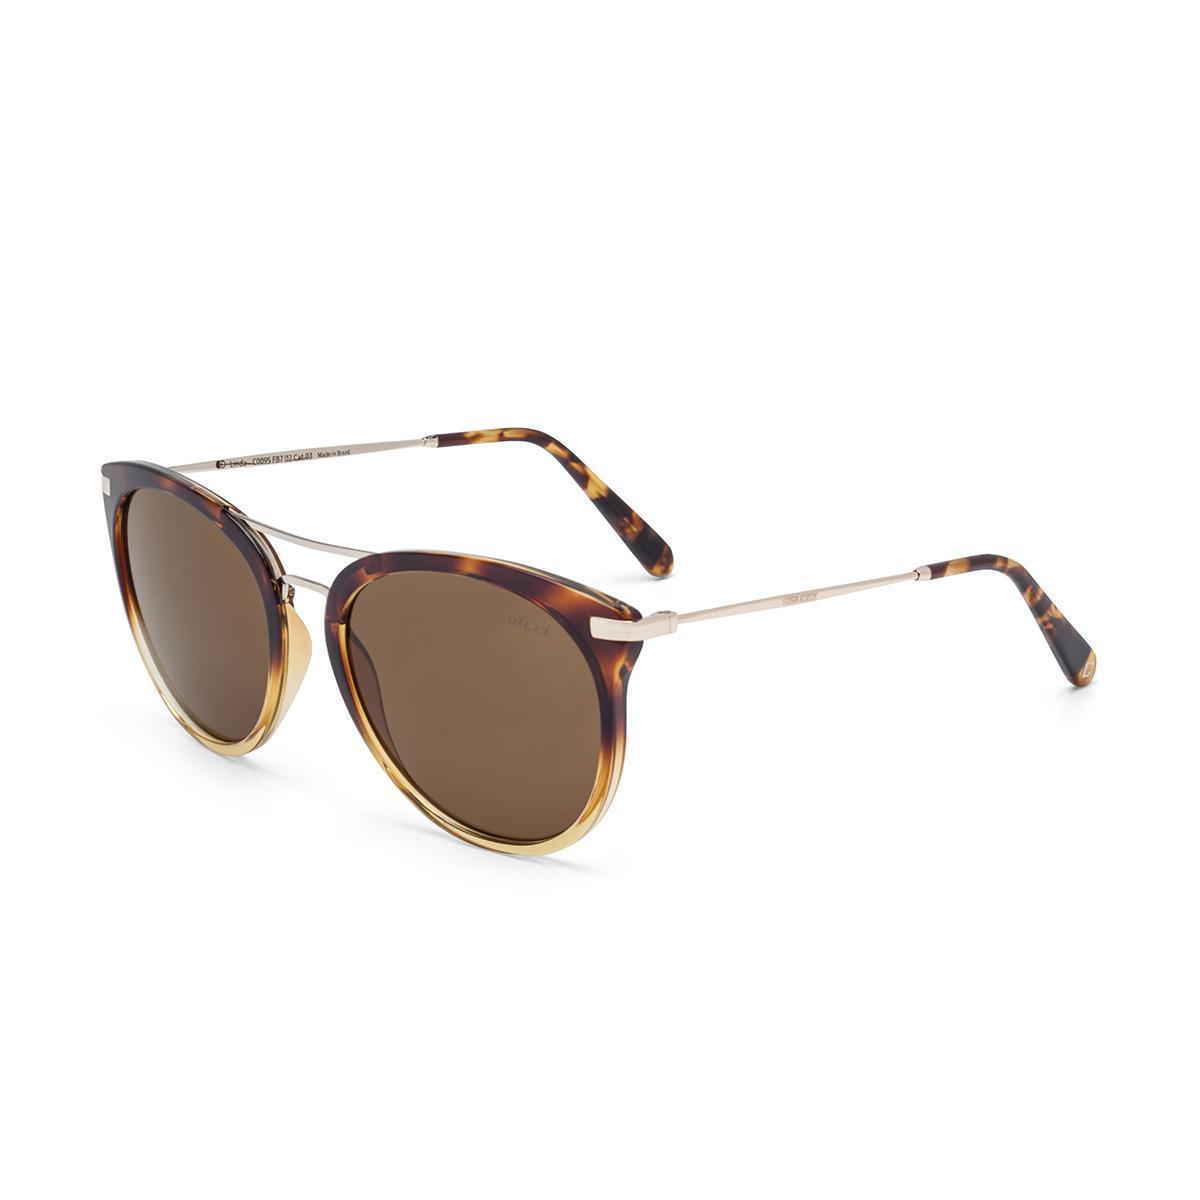 a4a160c04010e Óculos de Sol Colcci LINDA C0095 FB7 02 Tartaruga Degradê Lente Marrom  Degradê Tam 56 R  319,99 à vista. Adicionar à sacola